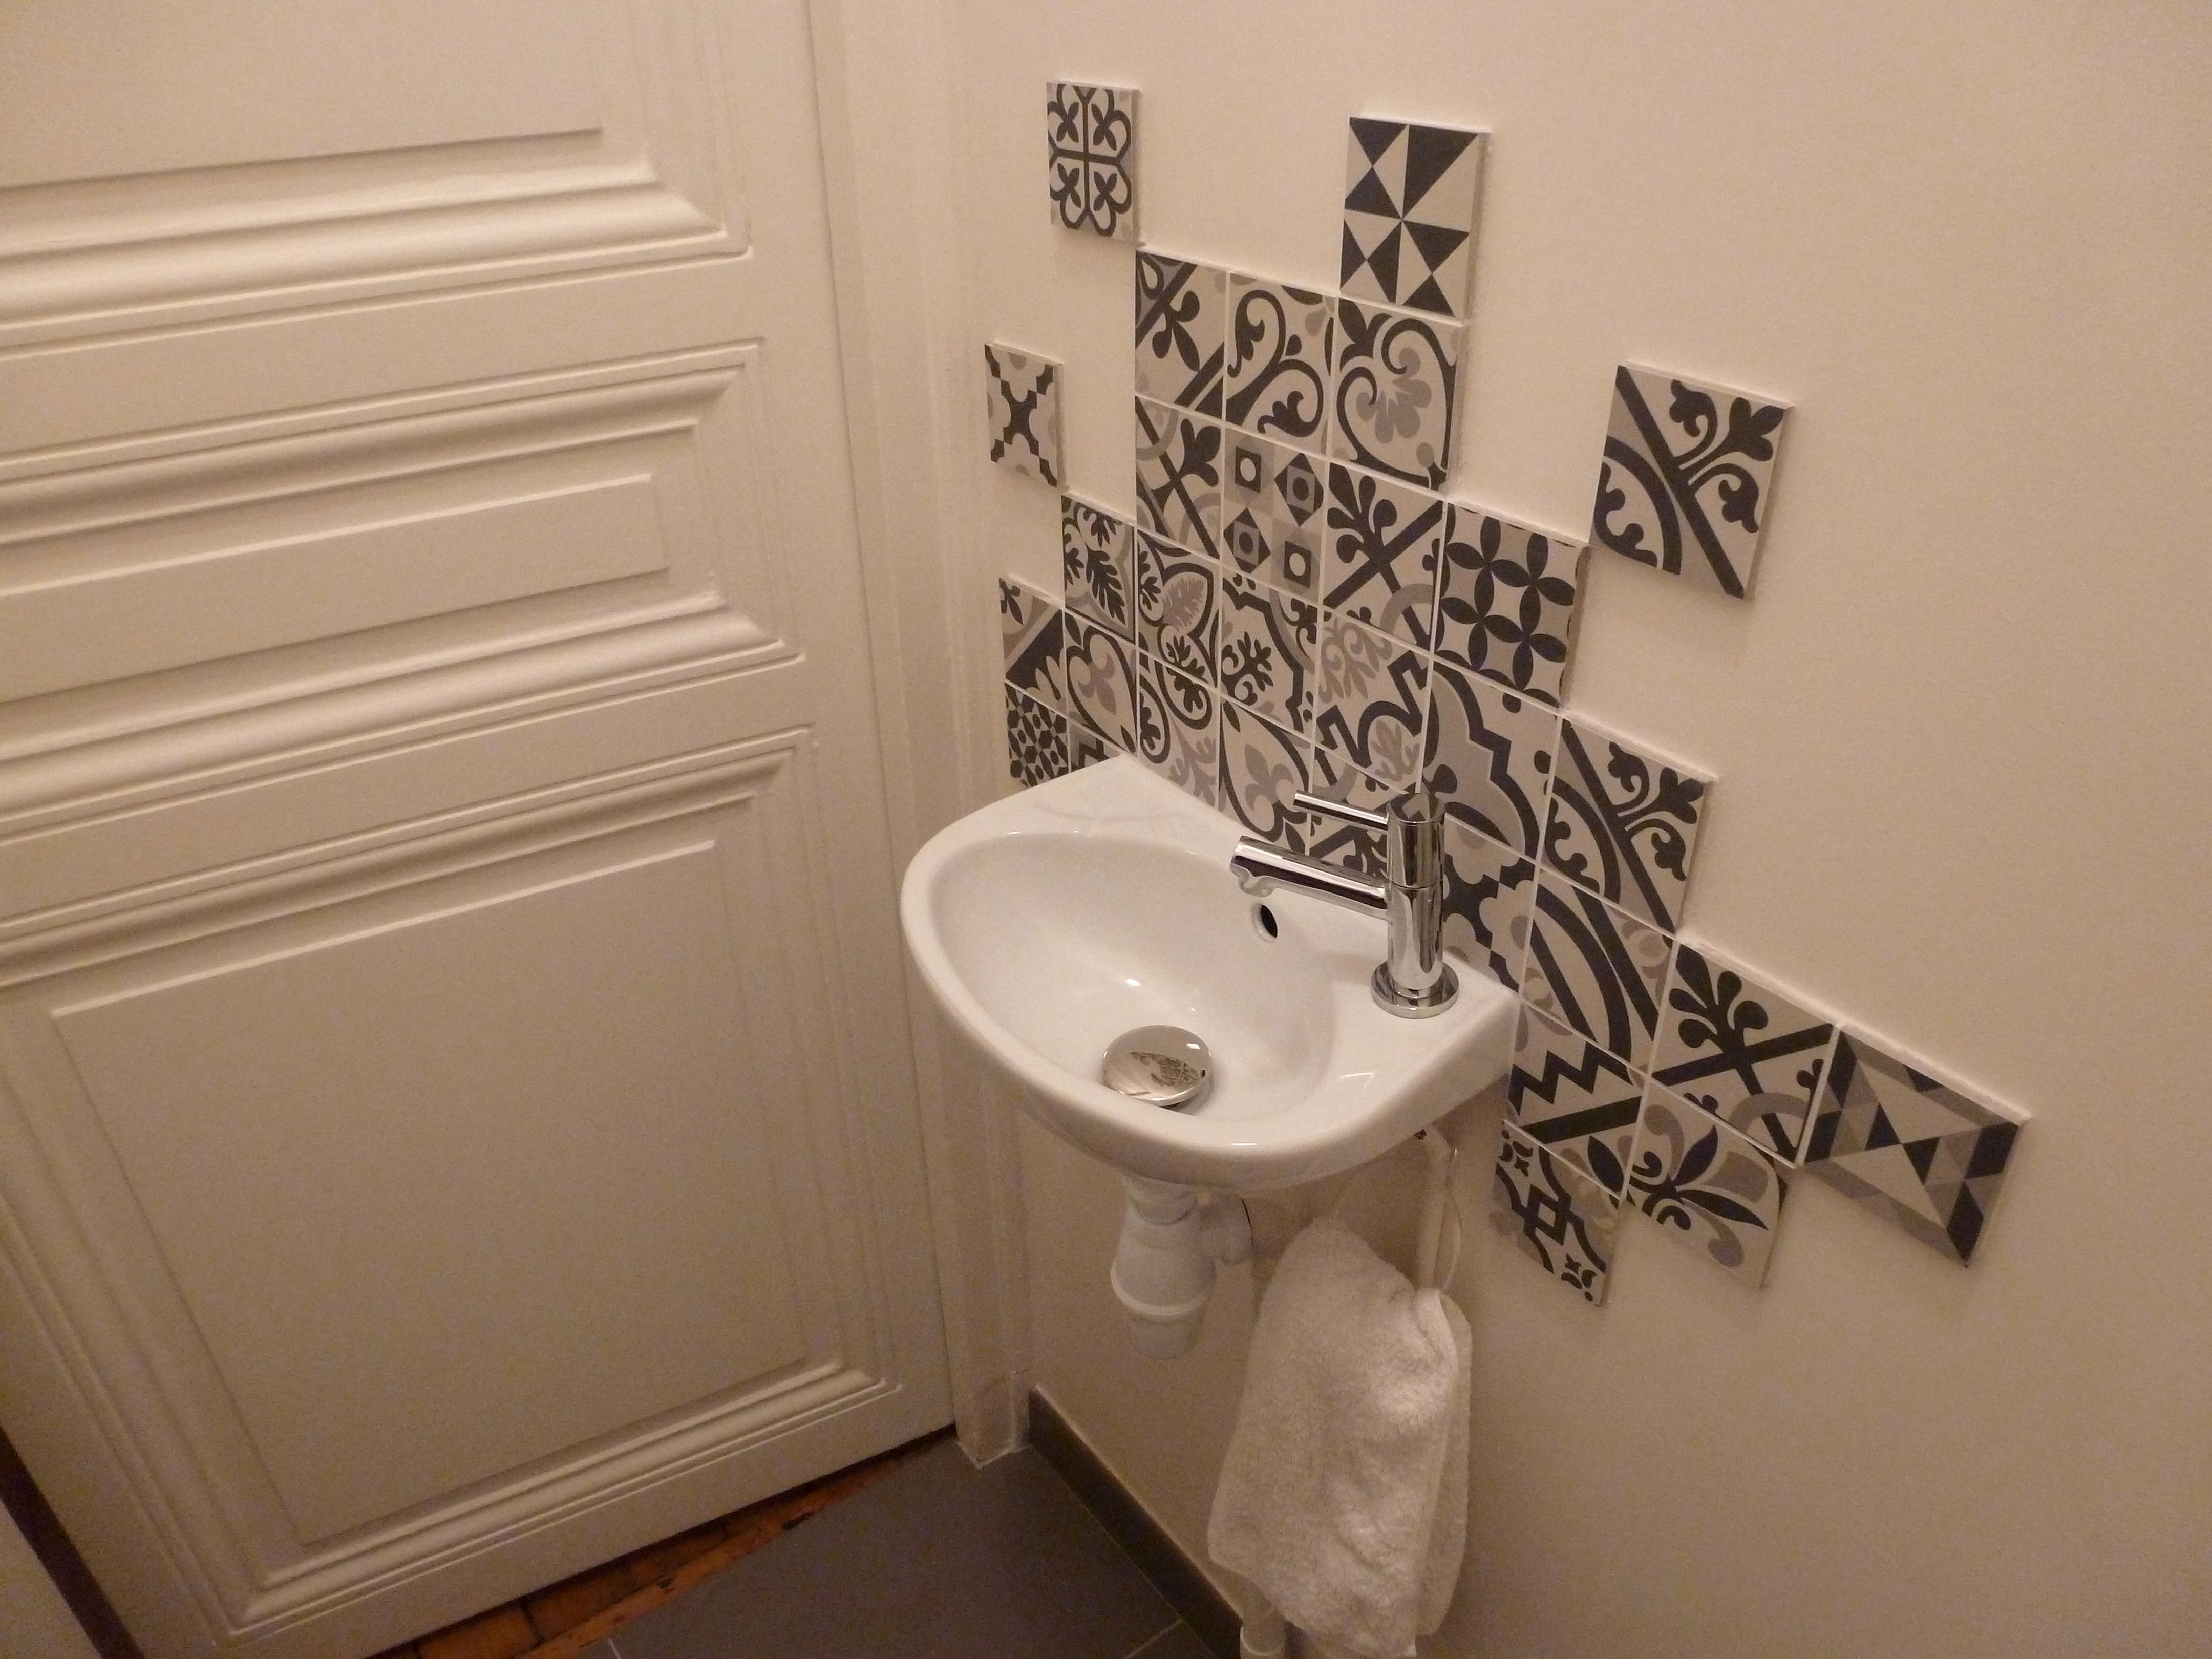 Accessoires wc chez lapeyre 235726 ontwerp inspiratie voor de badkamer en de kamer - Gemeubleerde salle de bains ontwerp ...